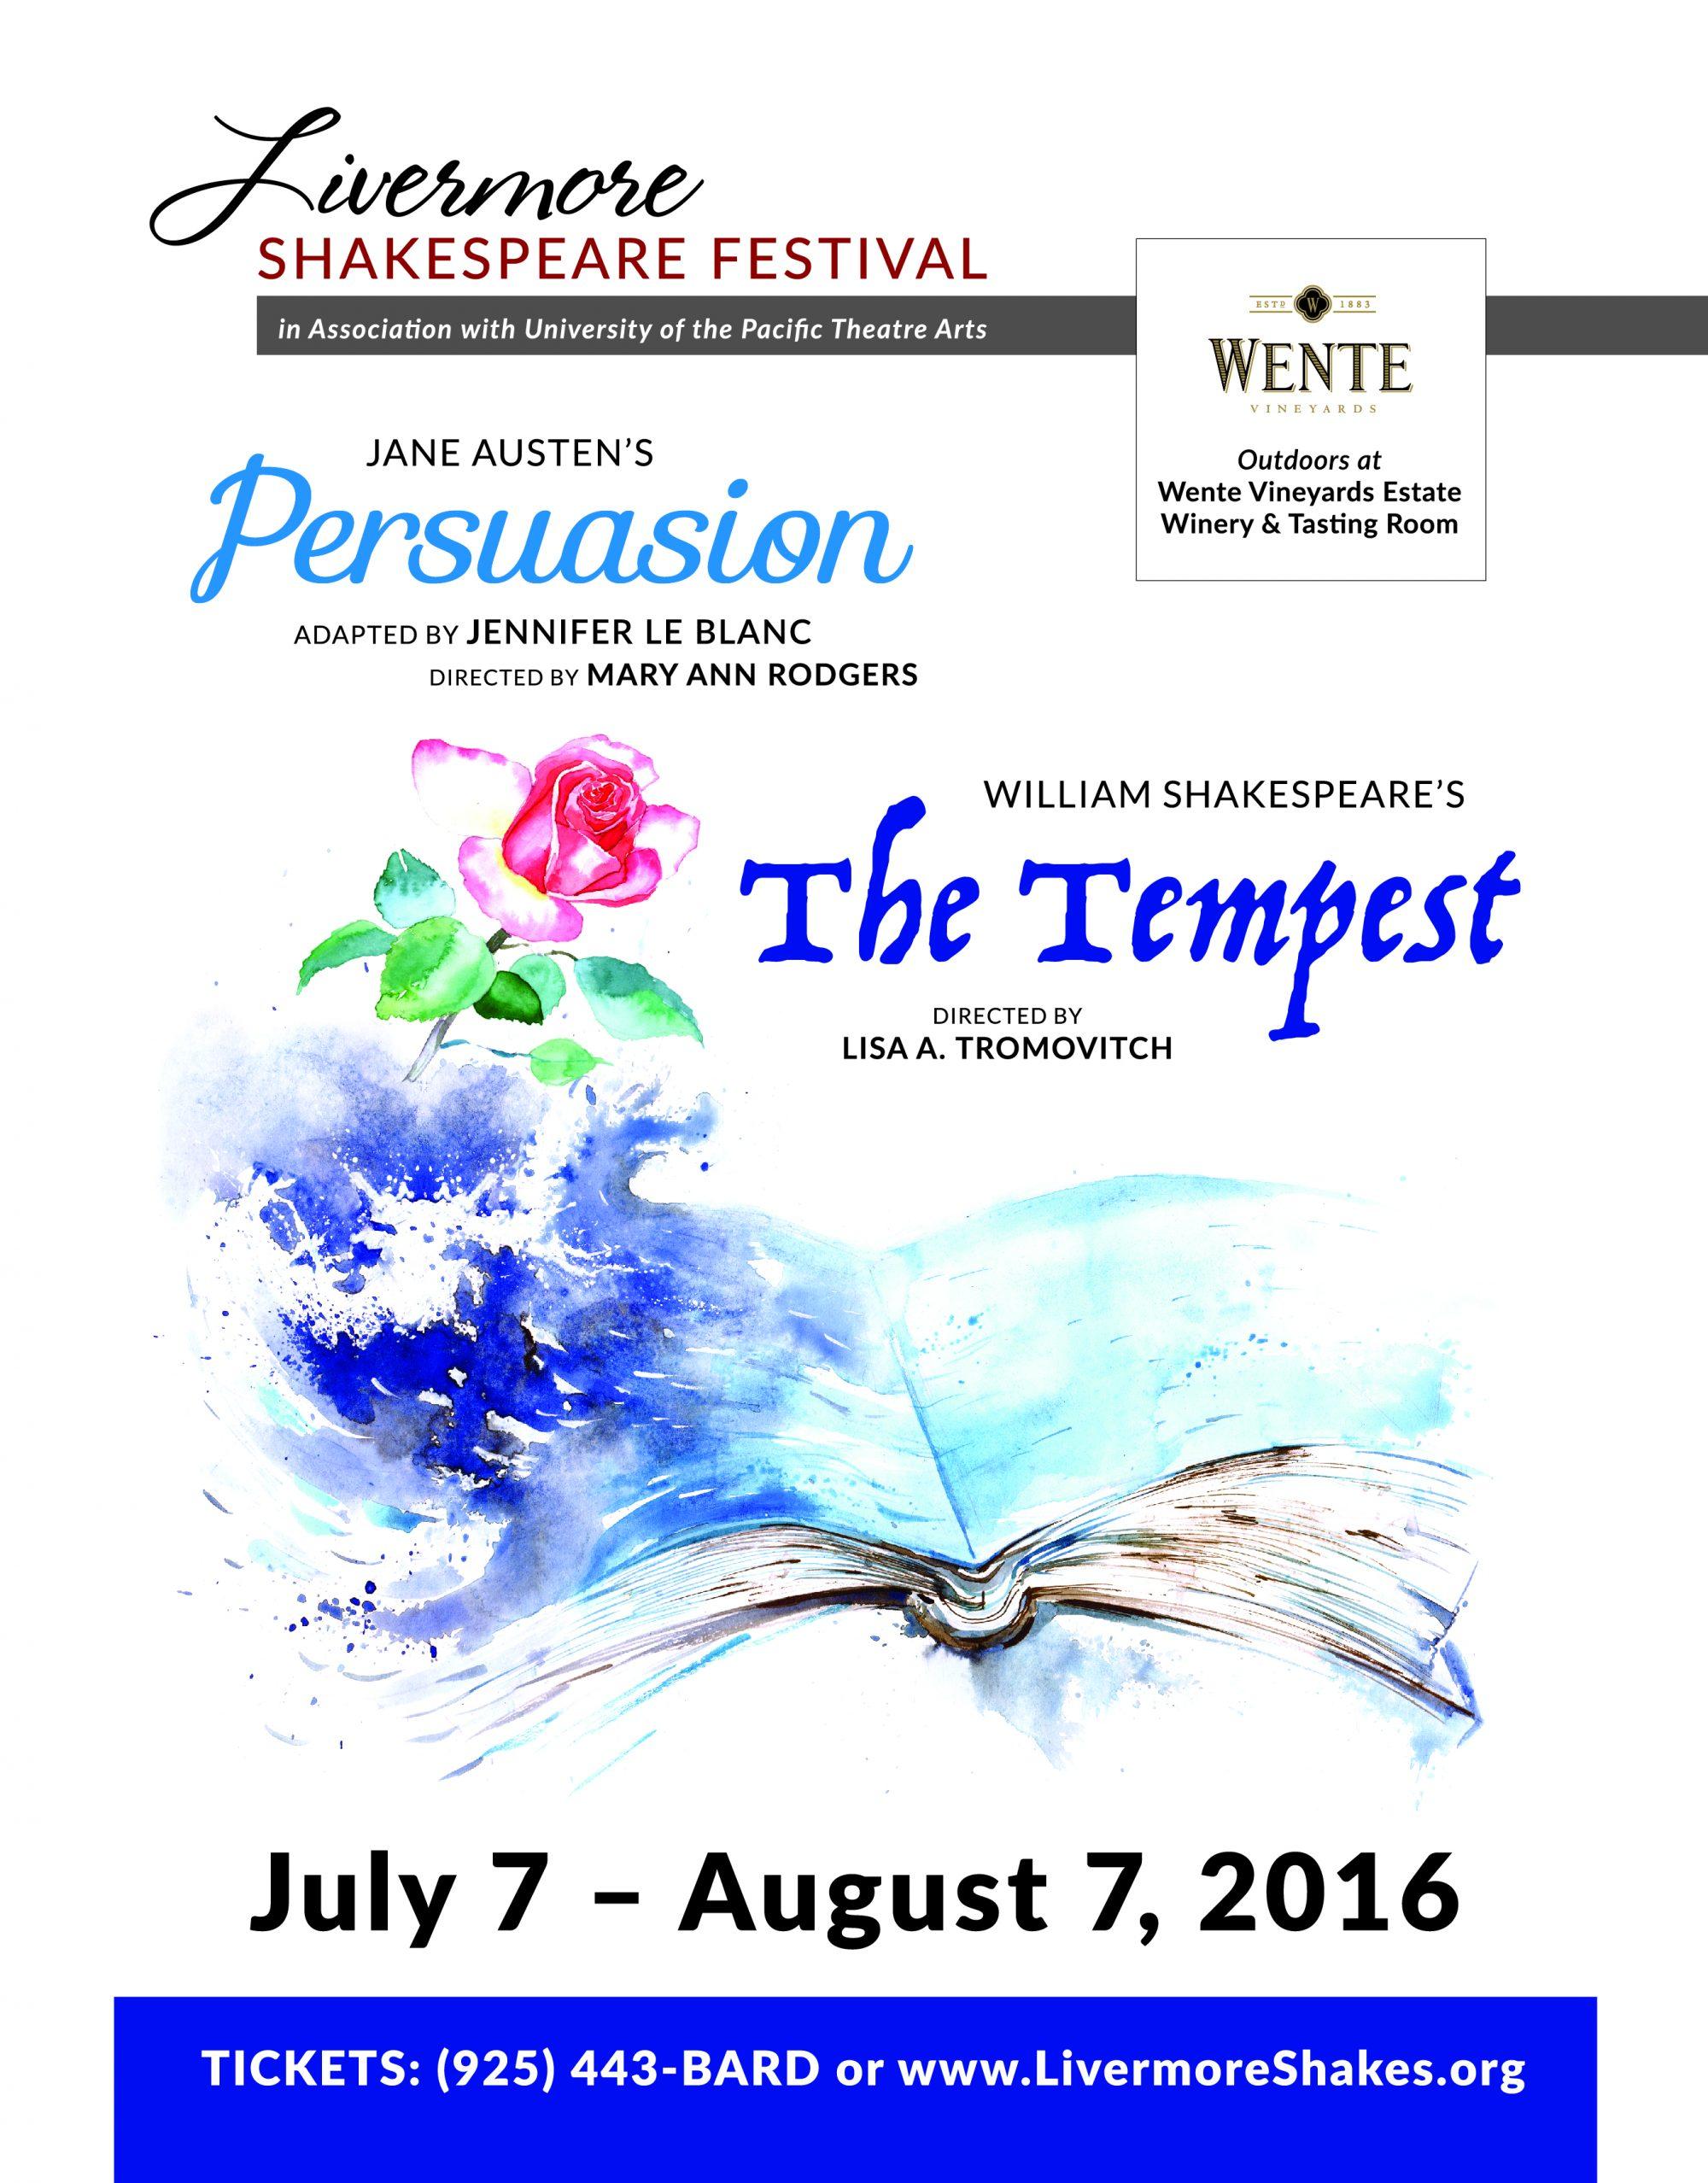 Livermore Shakespeare Festival 2016 Flyer